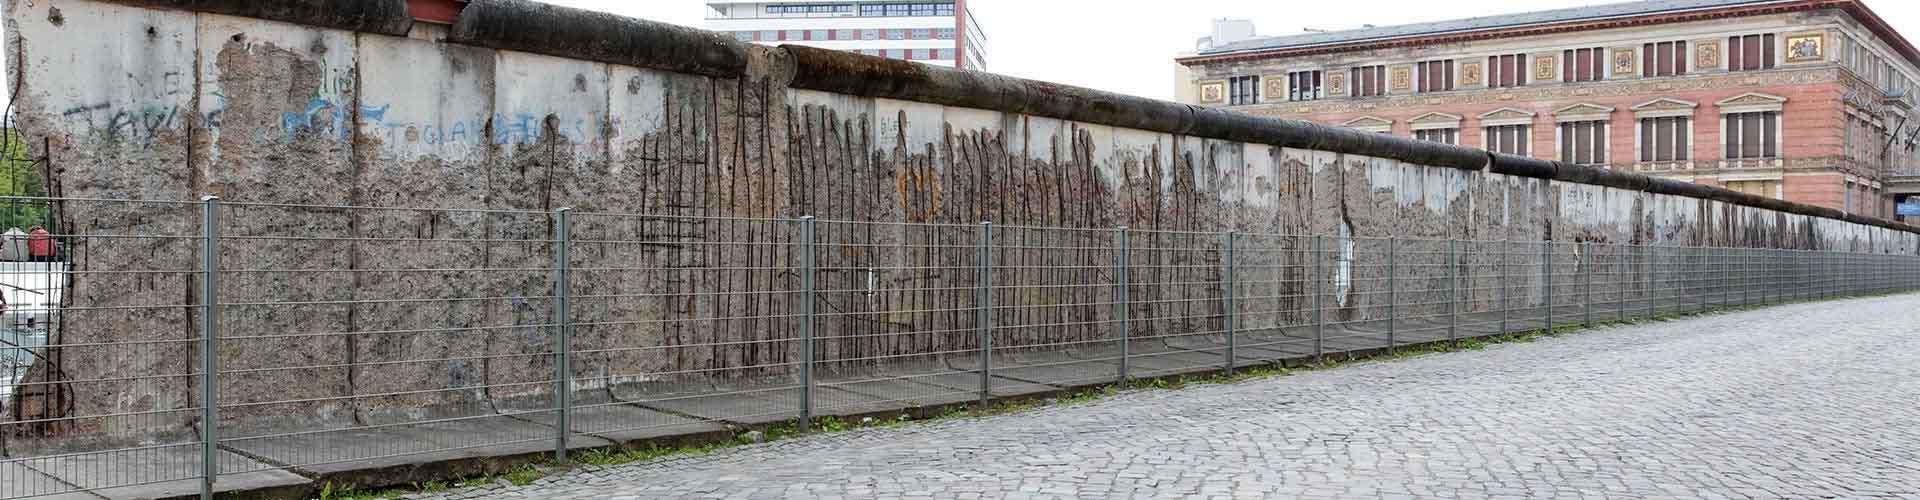 베를린 - 베를린 장벽에 가까운 호텔. 베를린의 지도, 베를린에 위치한 호텔에 대한 사진 및 리뷰.